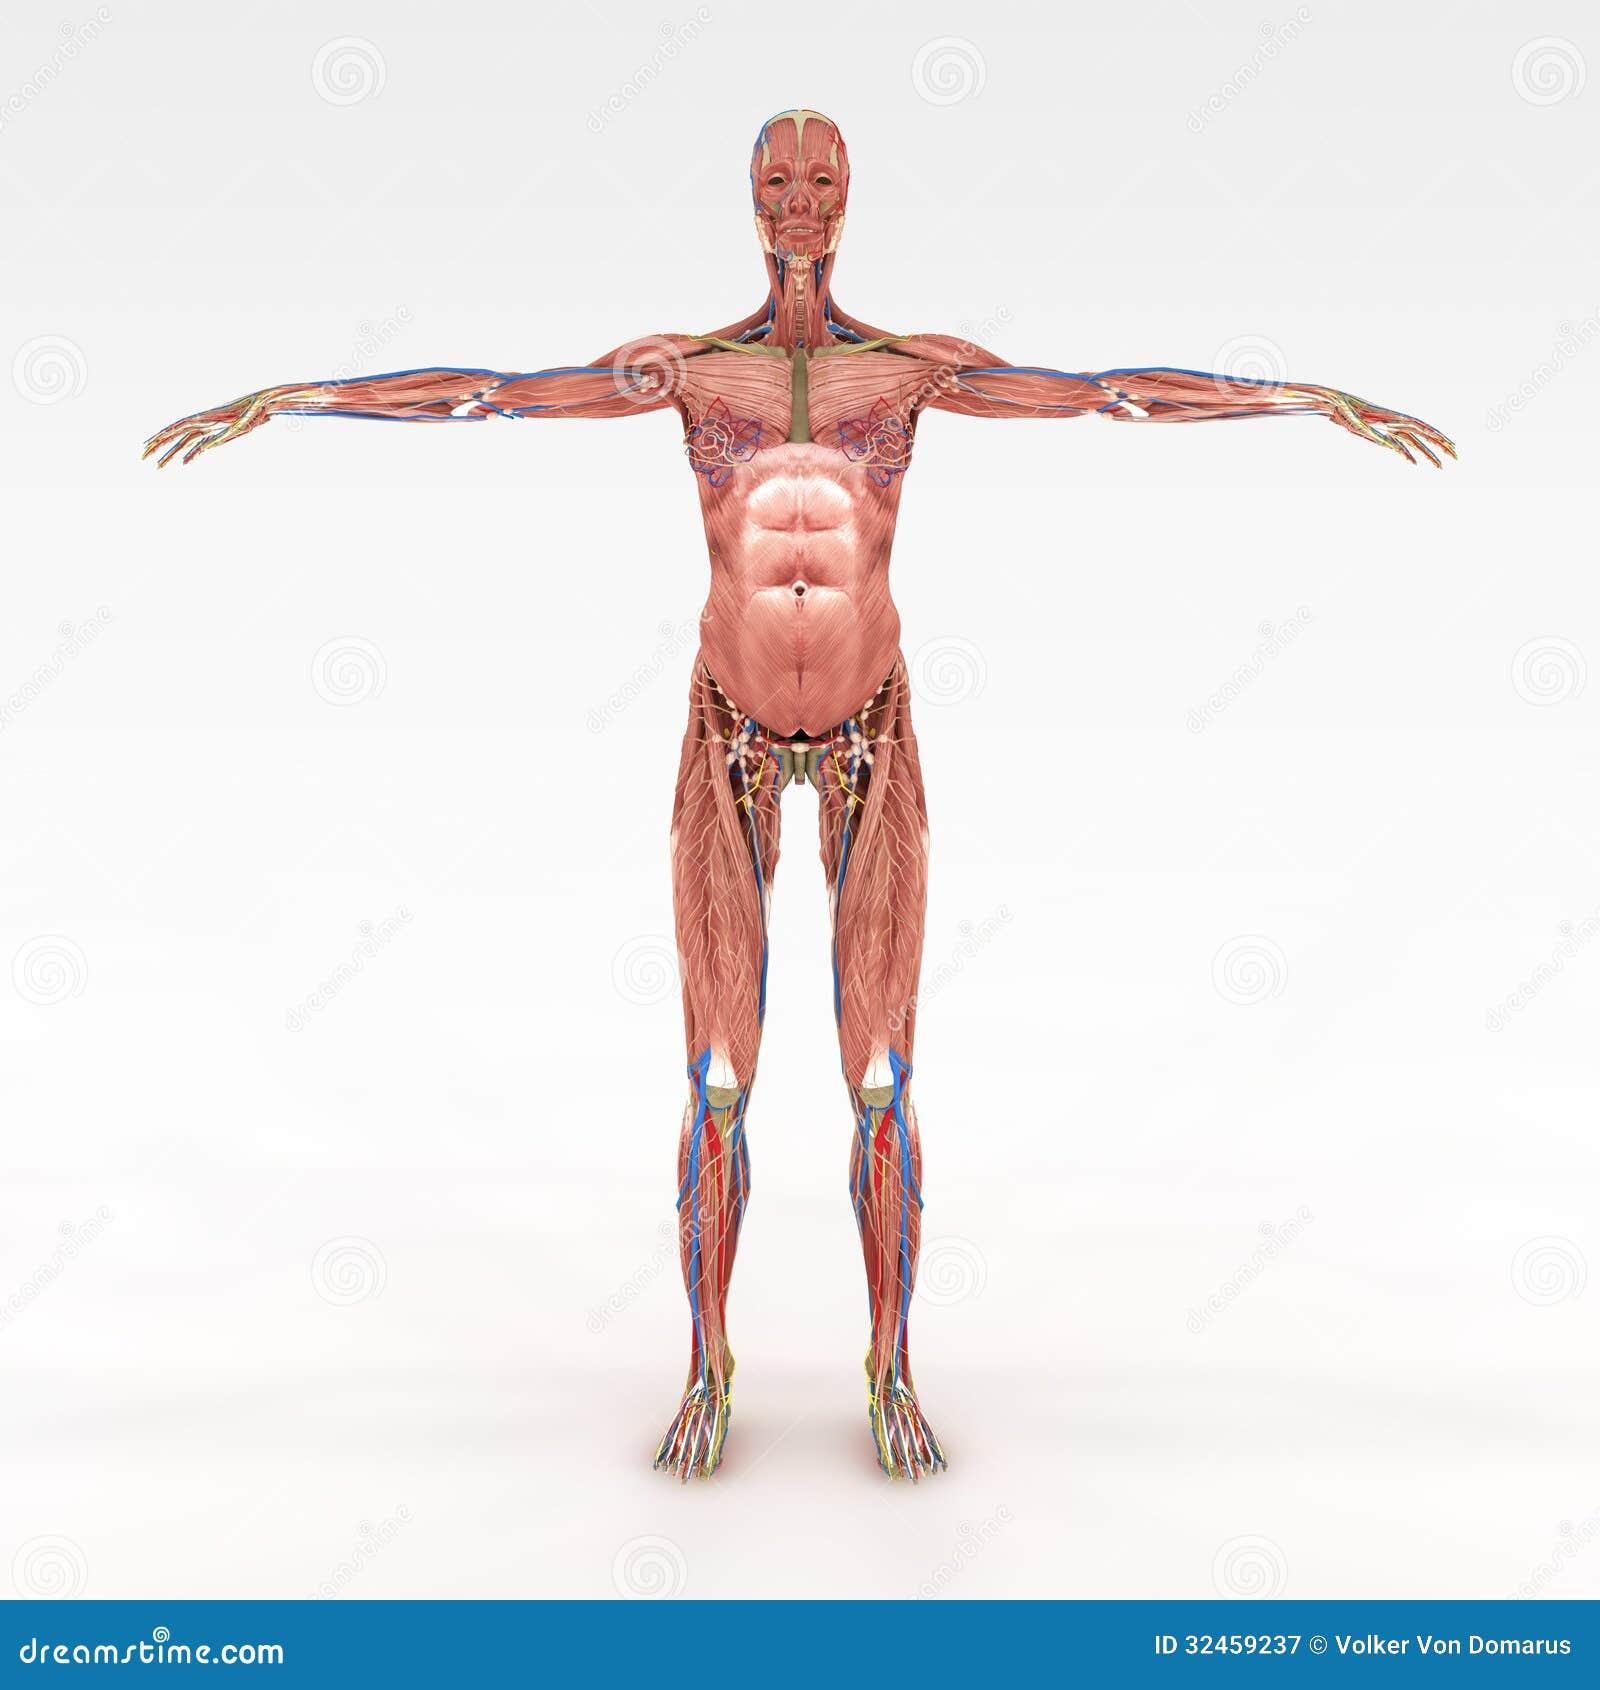 Berühmt Weibliche Reproduktion Anatomie Galerie - Anatomie Ideen ...